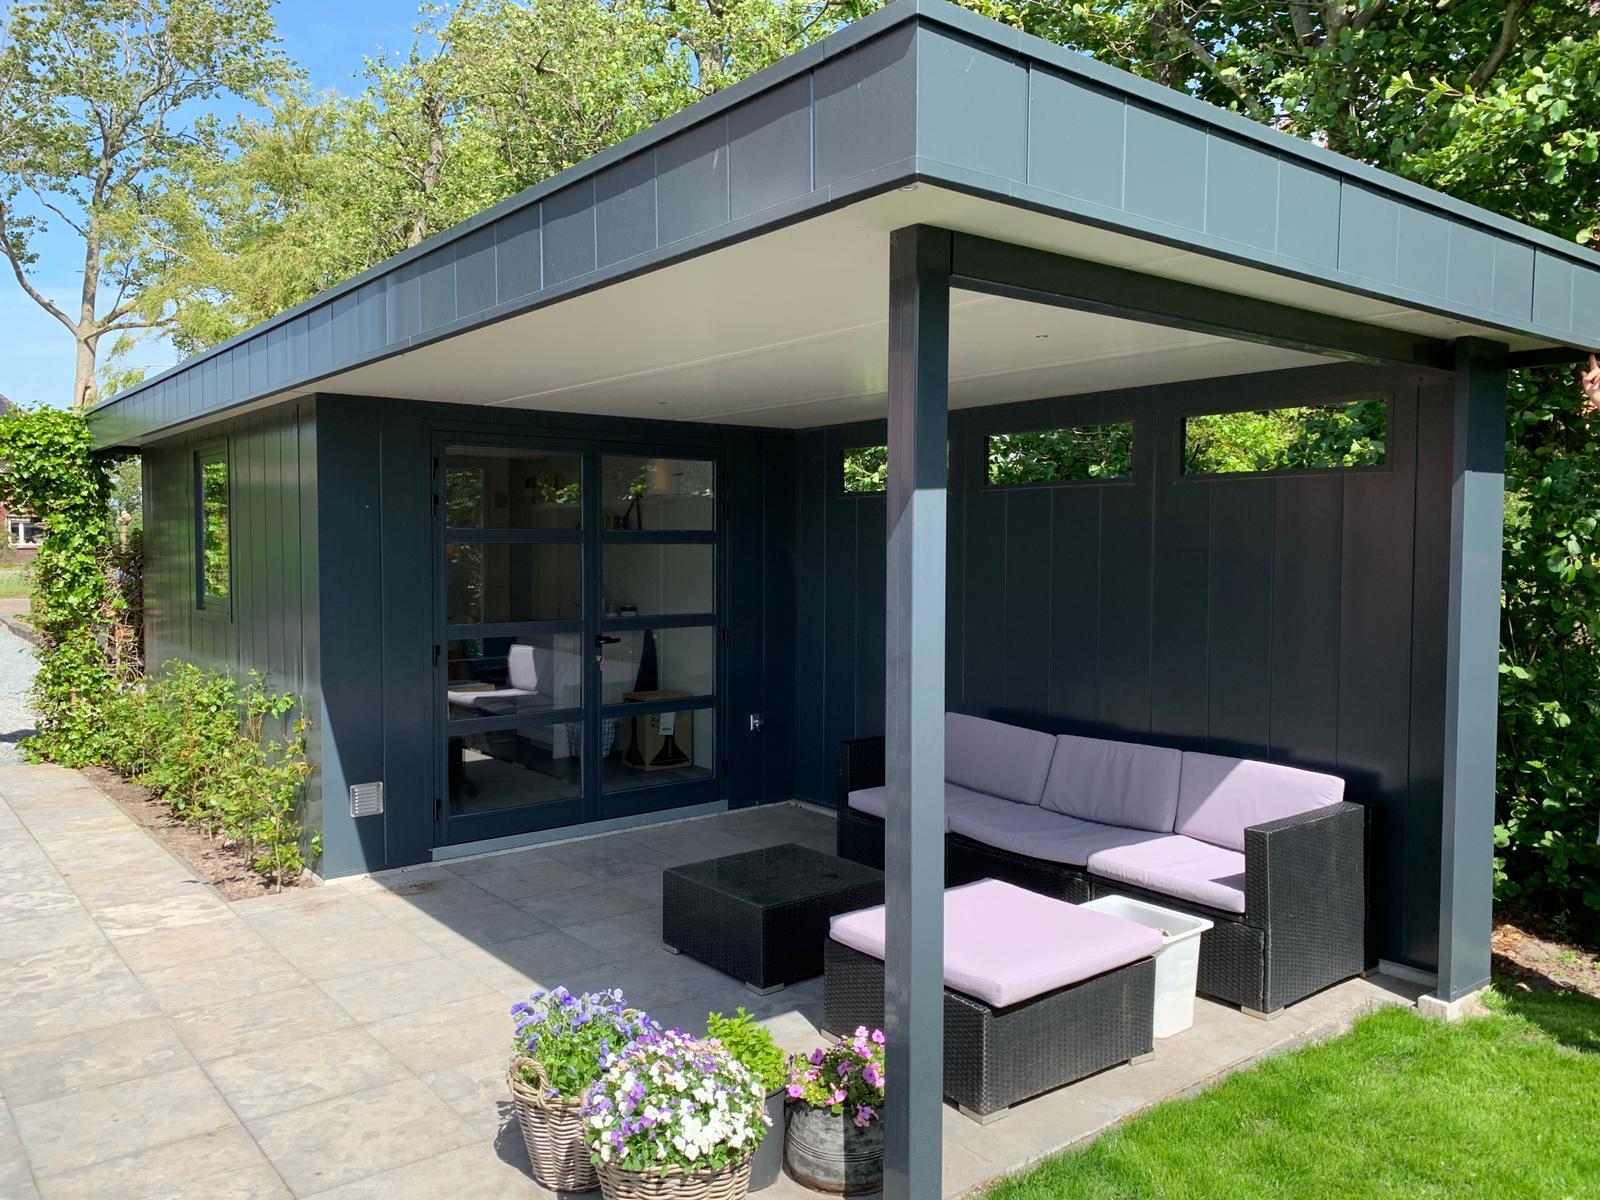 Hermes tuinhuis met overkapping project Wijnker